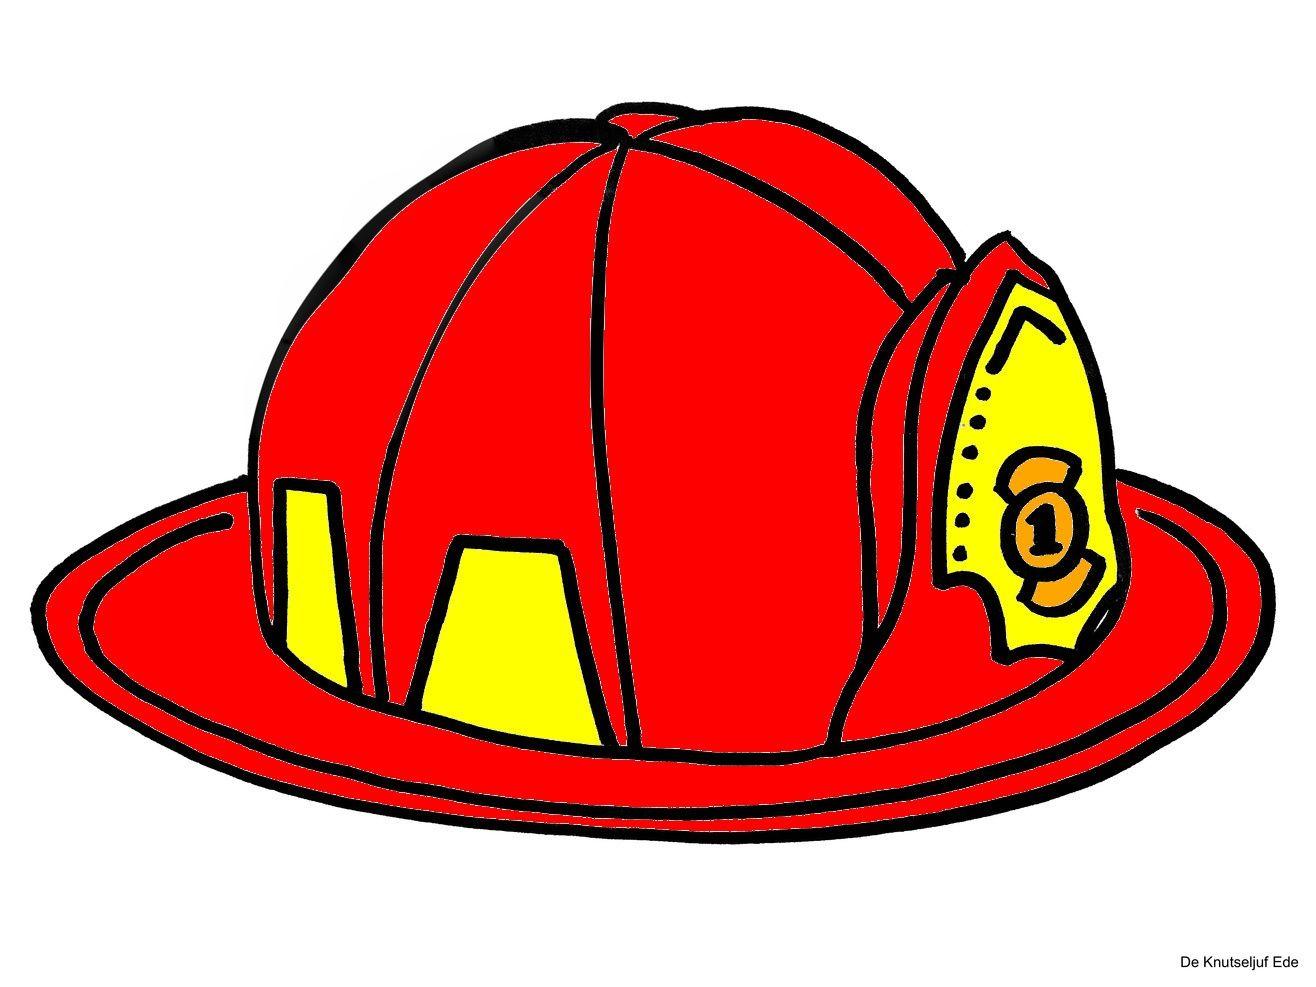 Kleurplaten Brandweer Kleurplaten Kleurplaat Kleurplaten Brandweer Thema Brandweer Brandweer Knutselen Brandwe Brandweer Kleurplaten Brandweerman